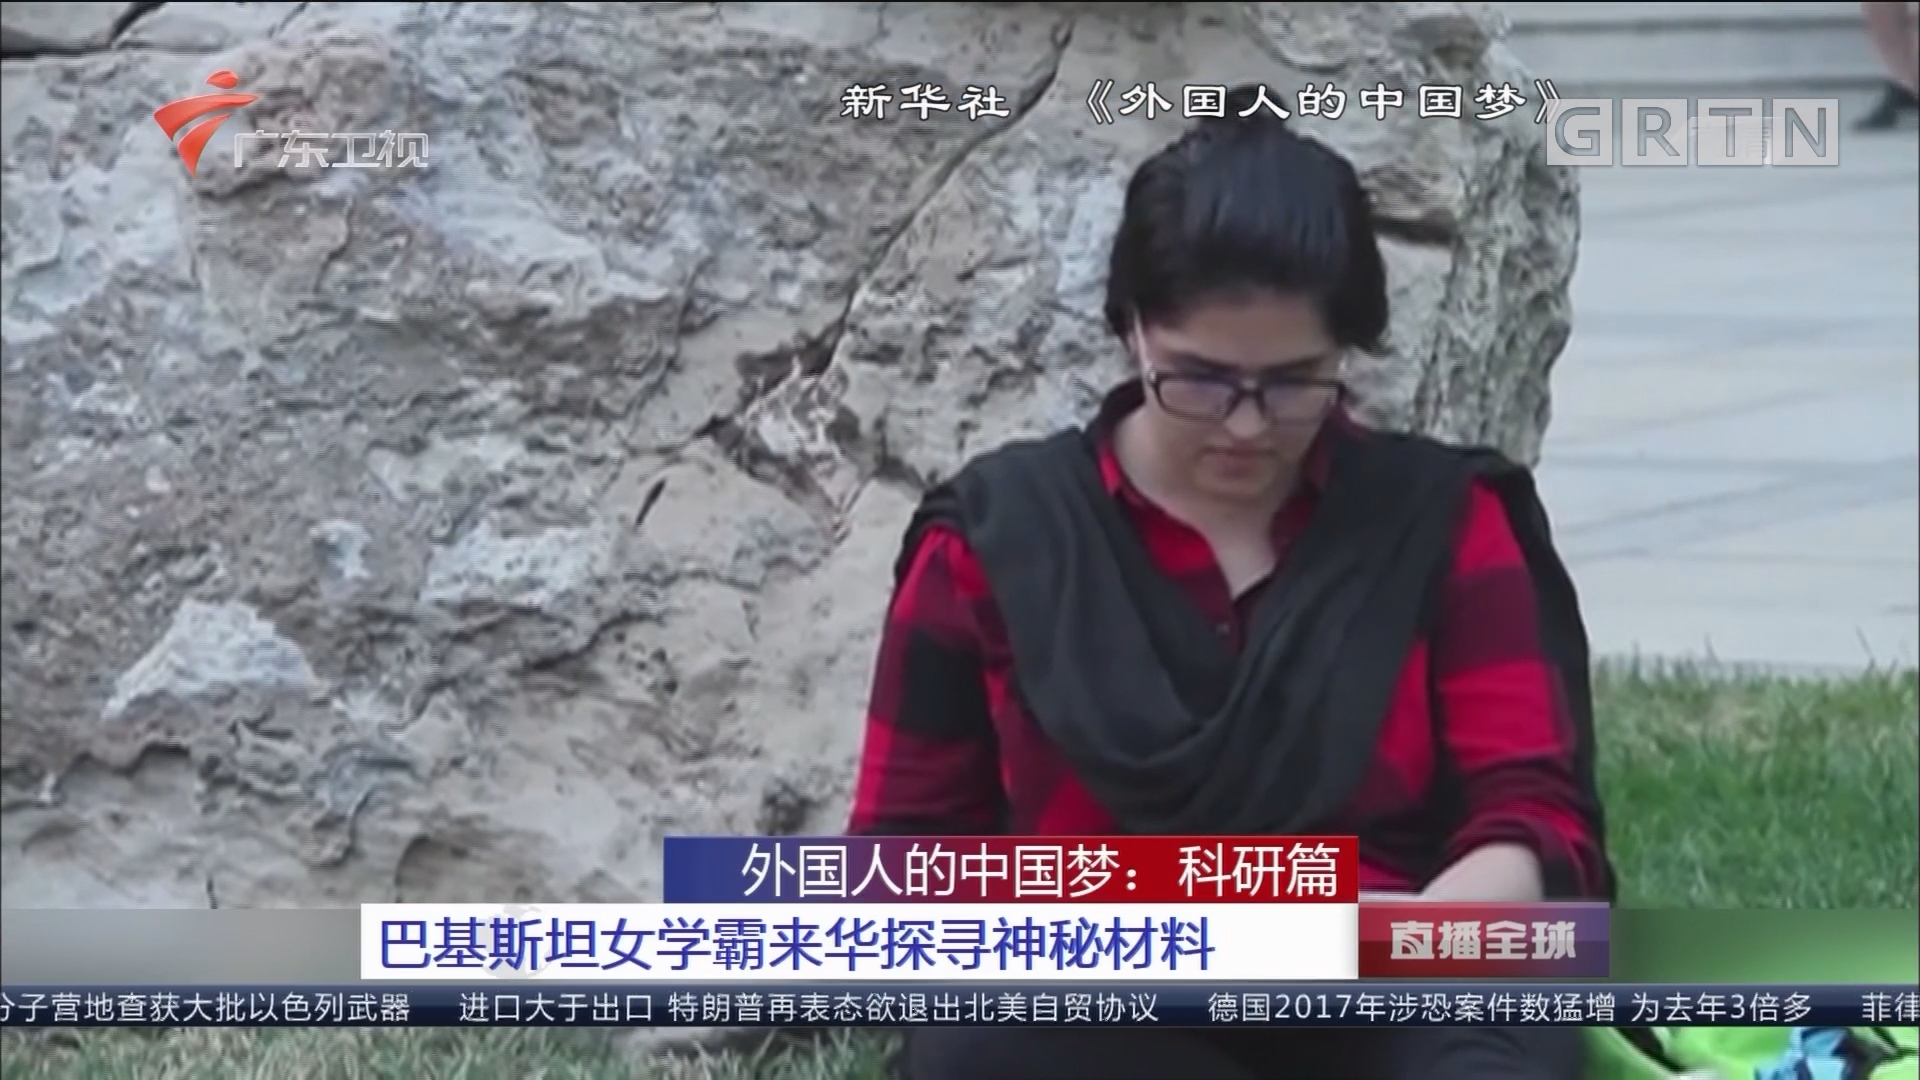 外国人的中国梦:科研篇 巴基斯坦女学霸来华探寻神秘材料